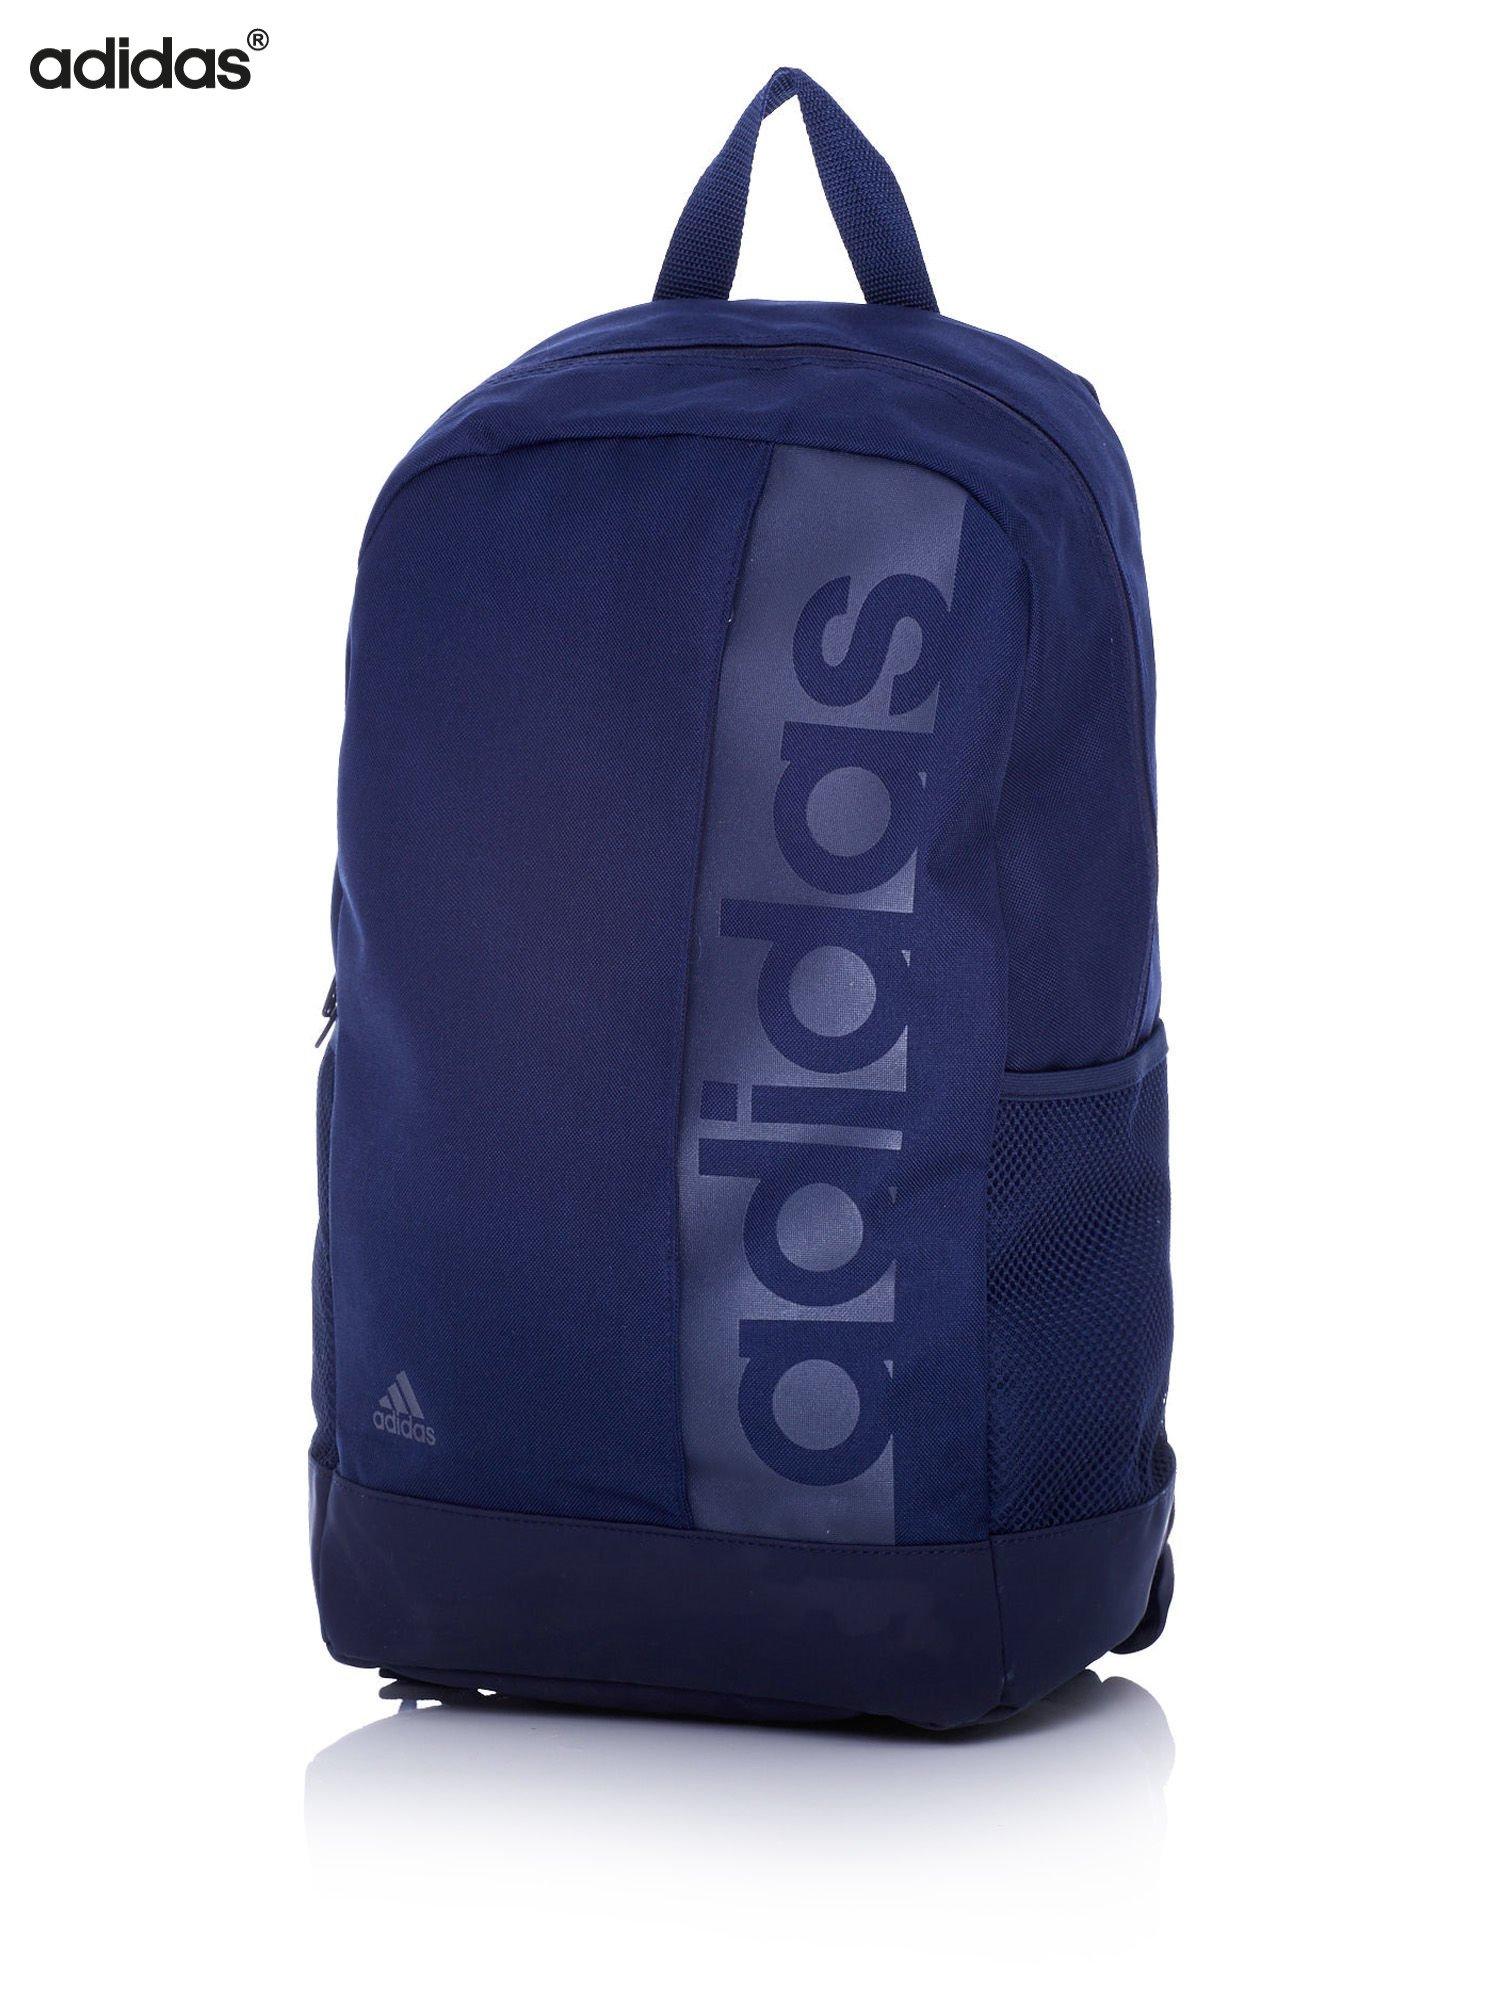 9ec96c49f03f3 ADIDAS Granatowy plecak szkolny z bocznymi kieszonkami - Dziecko ...